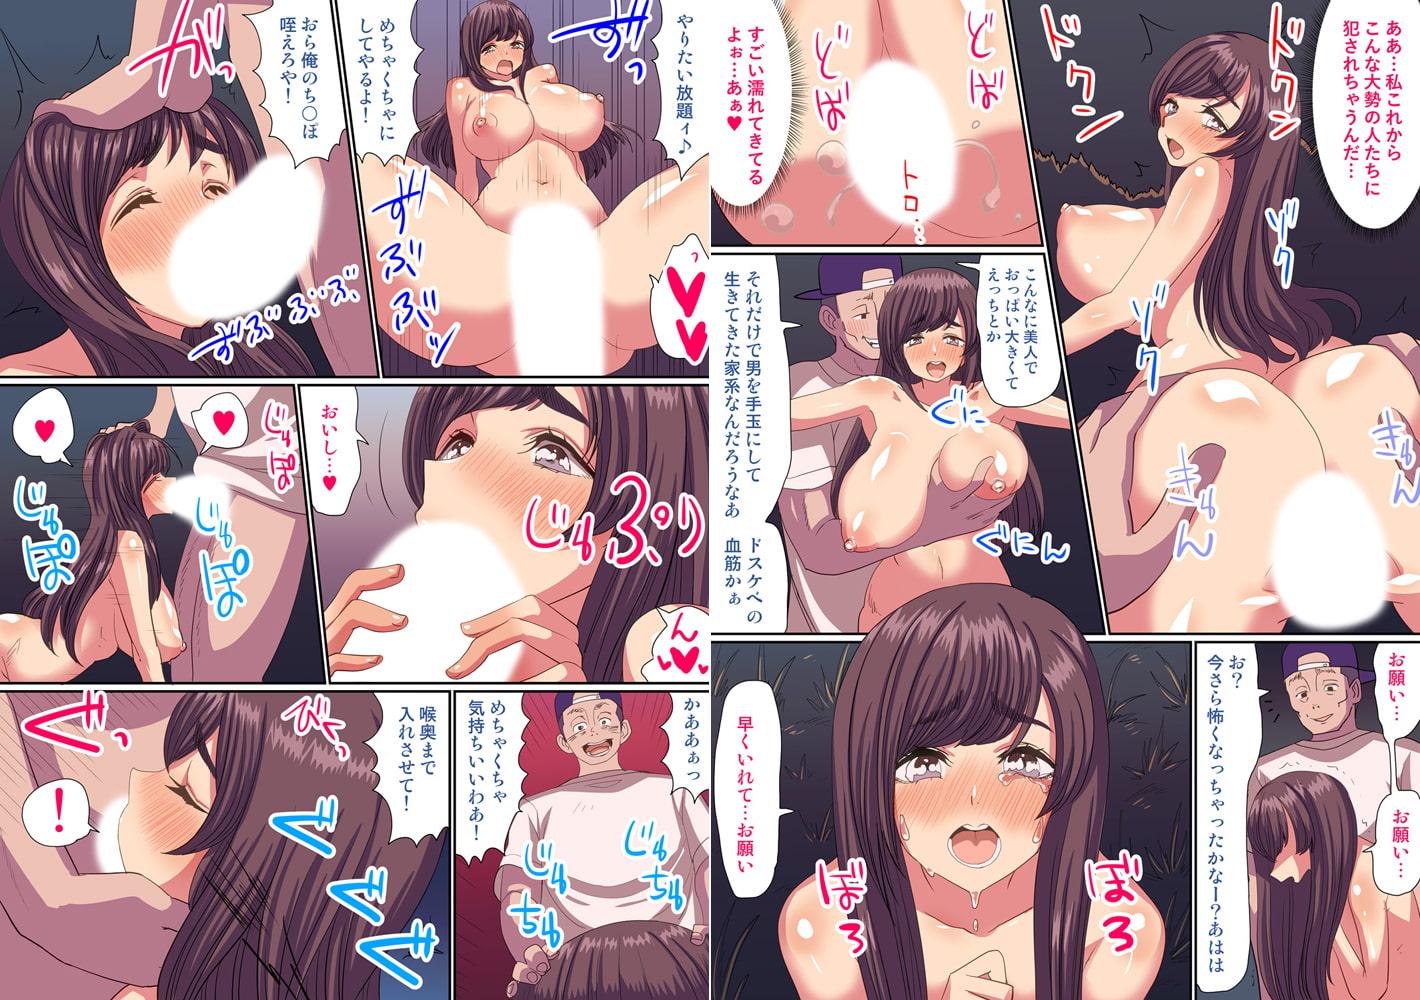 エッチなアイテムで女の子をヤりたい放題1【侍侍コレクション】のサンプル画像